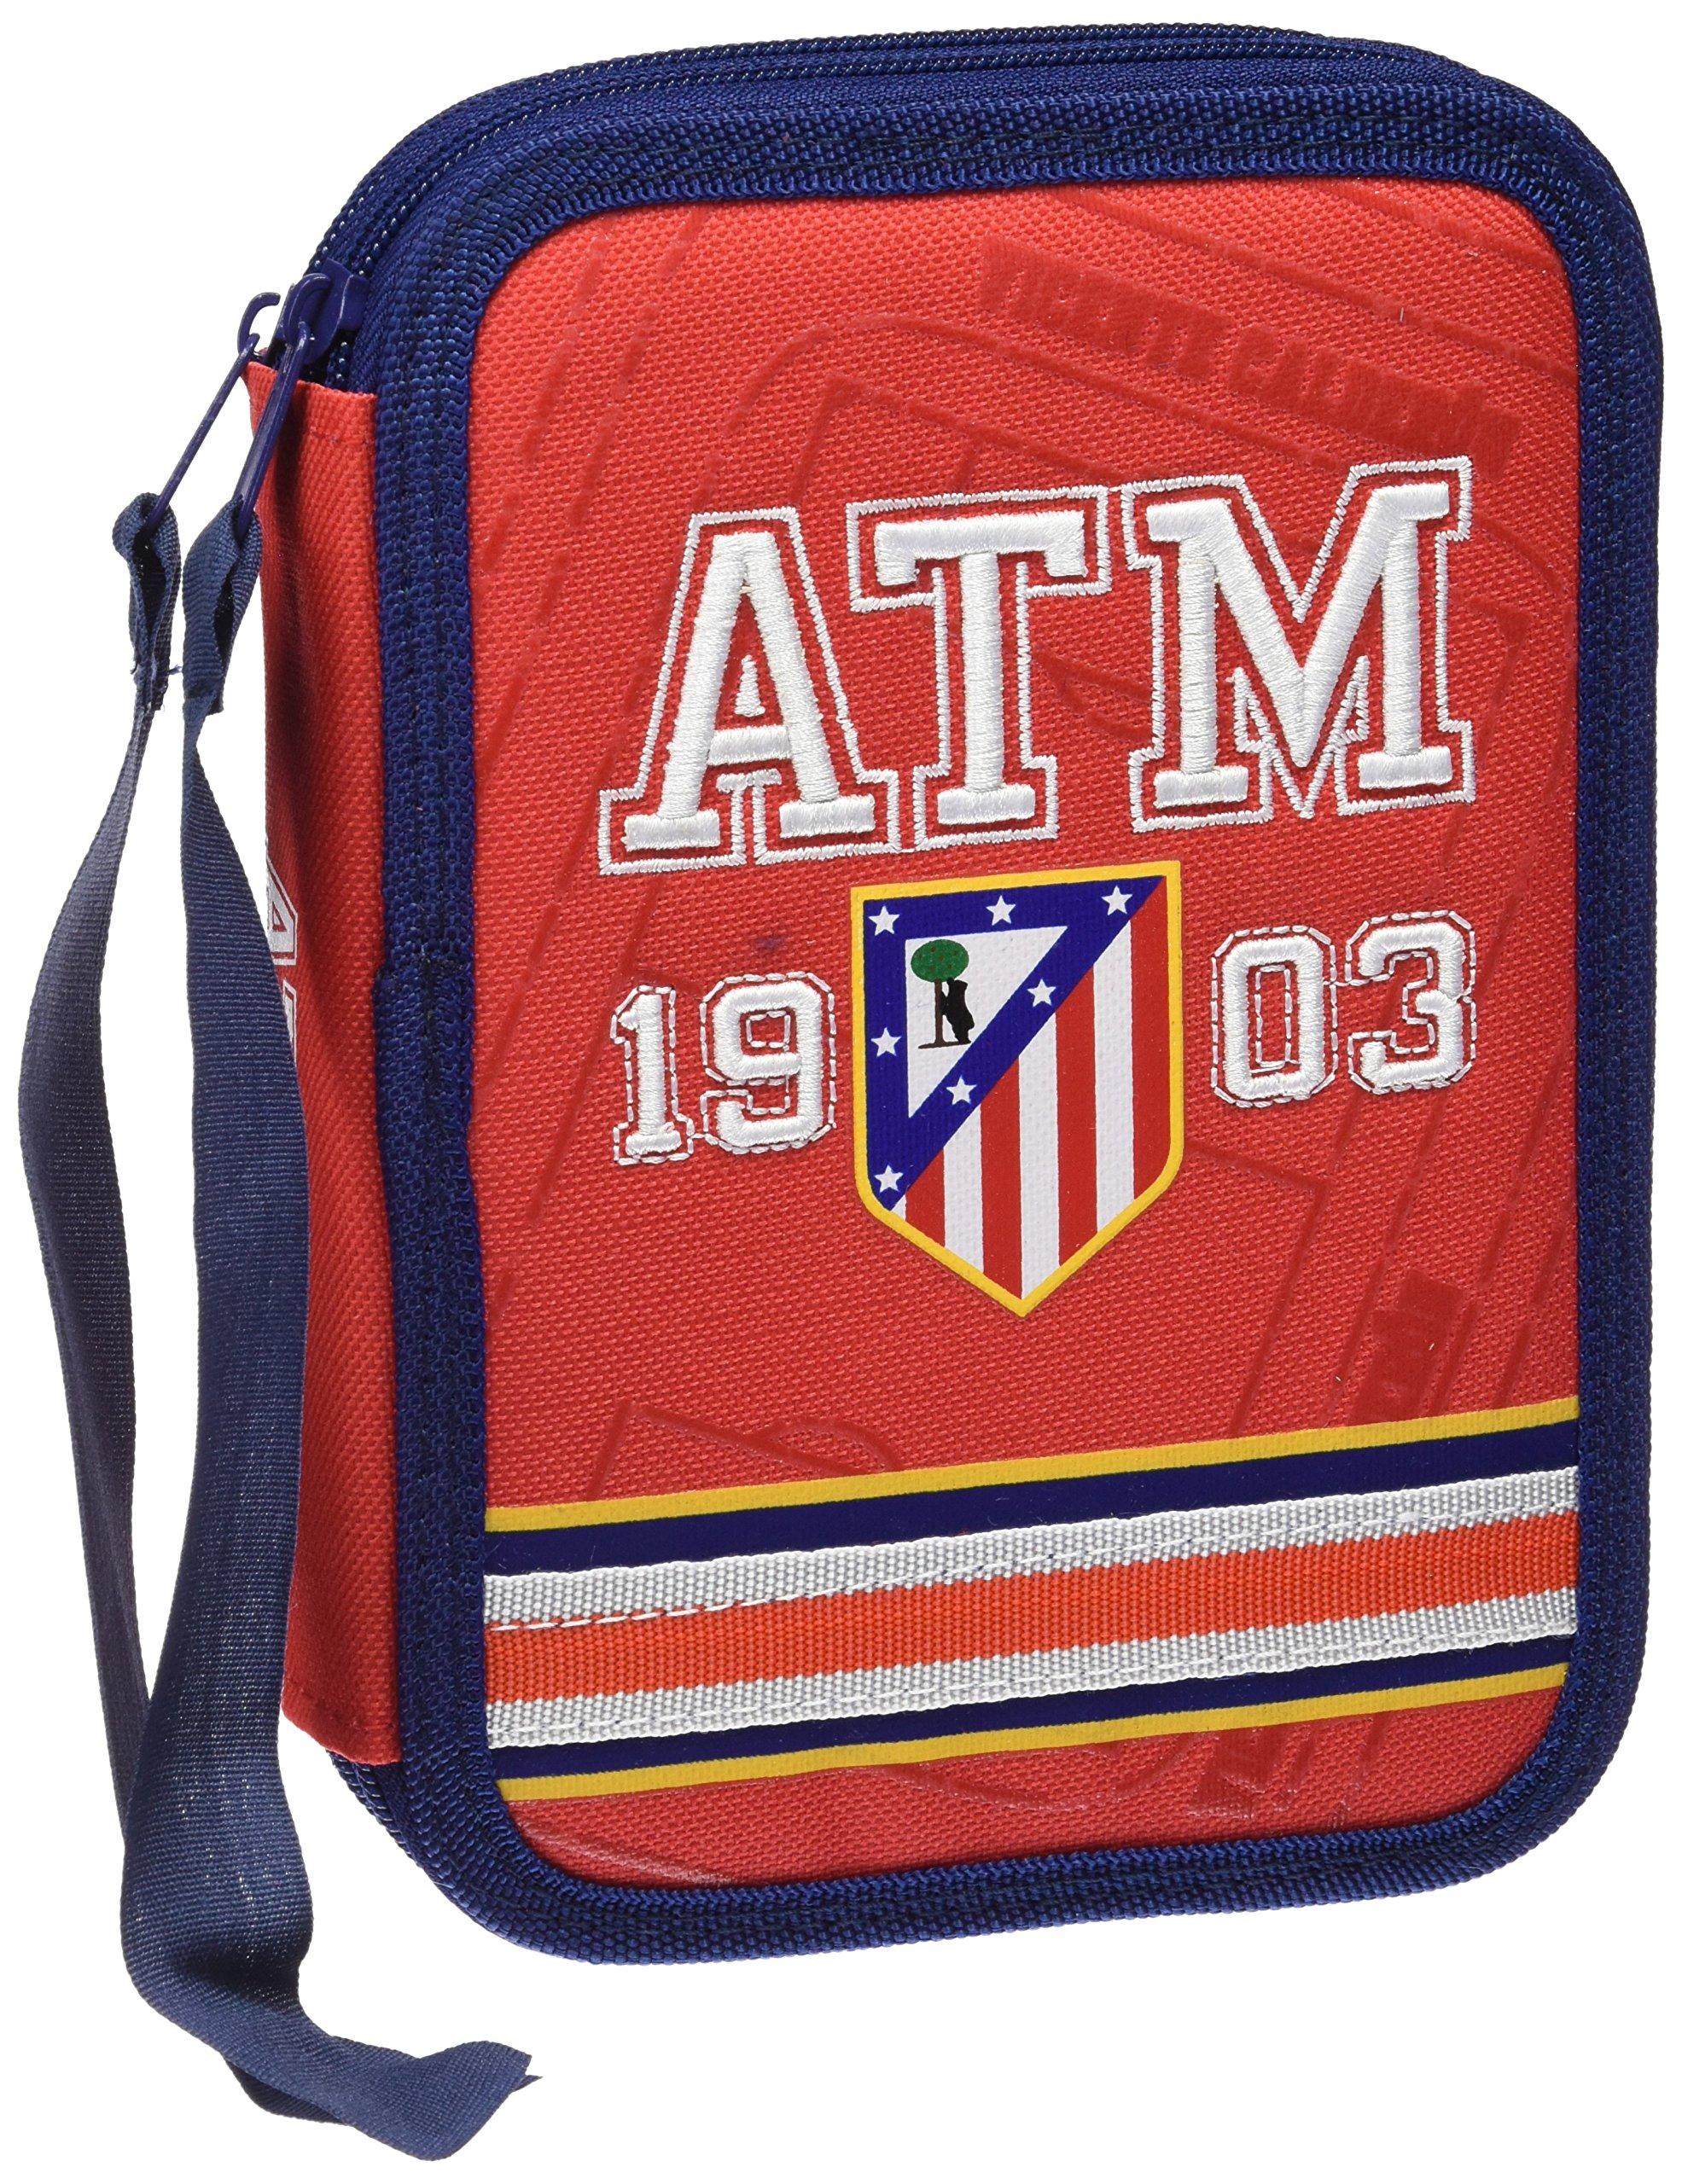 Atletico de Madrid EP-211-ATL – Plumier, 2 pisos, multicolor